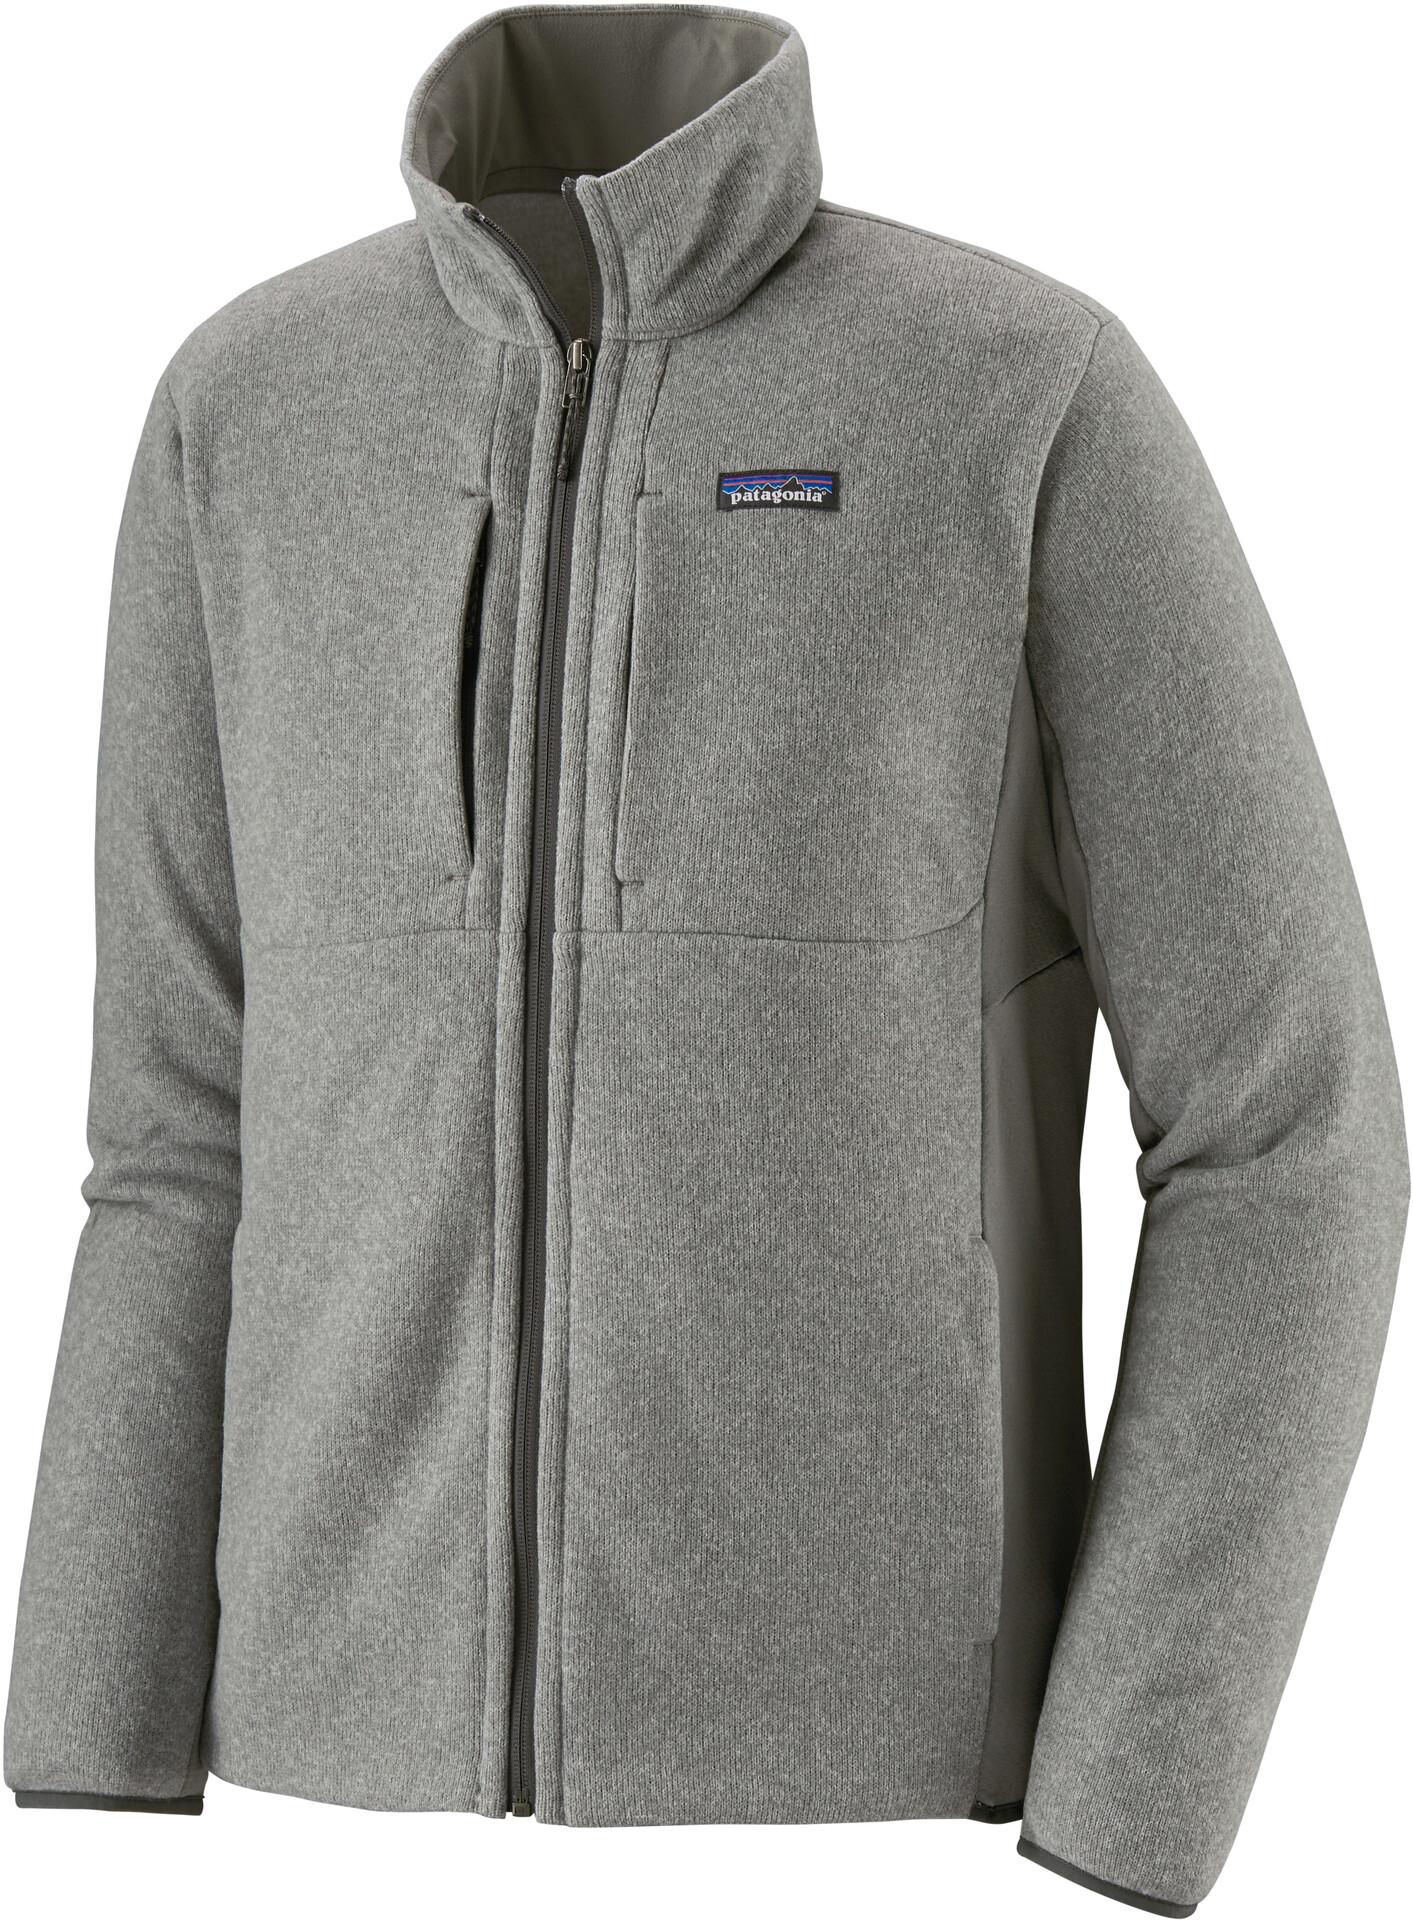 Patagonia Better Sweater Jas Heren, stonewash l Online